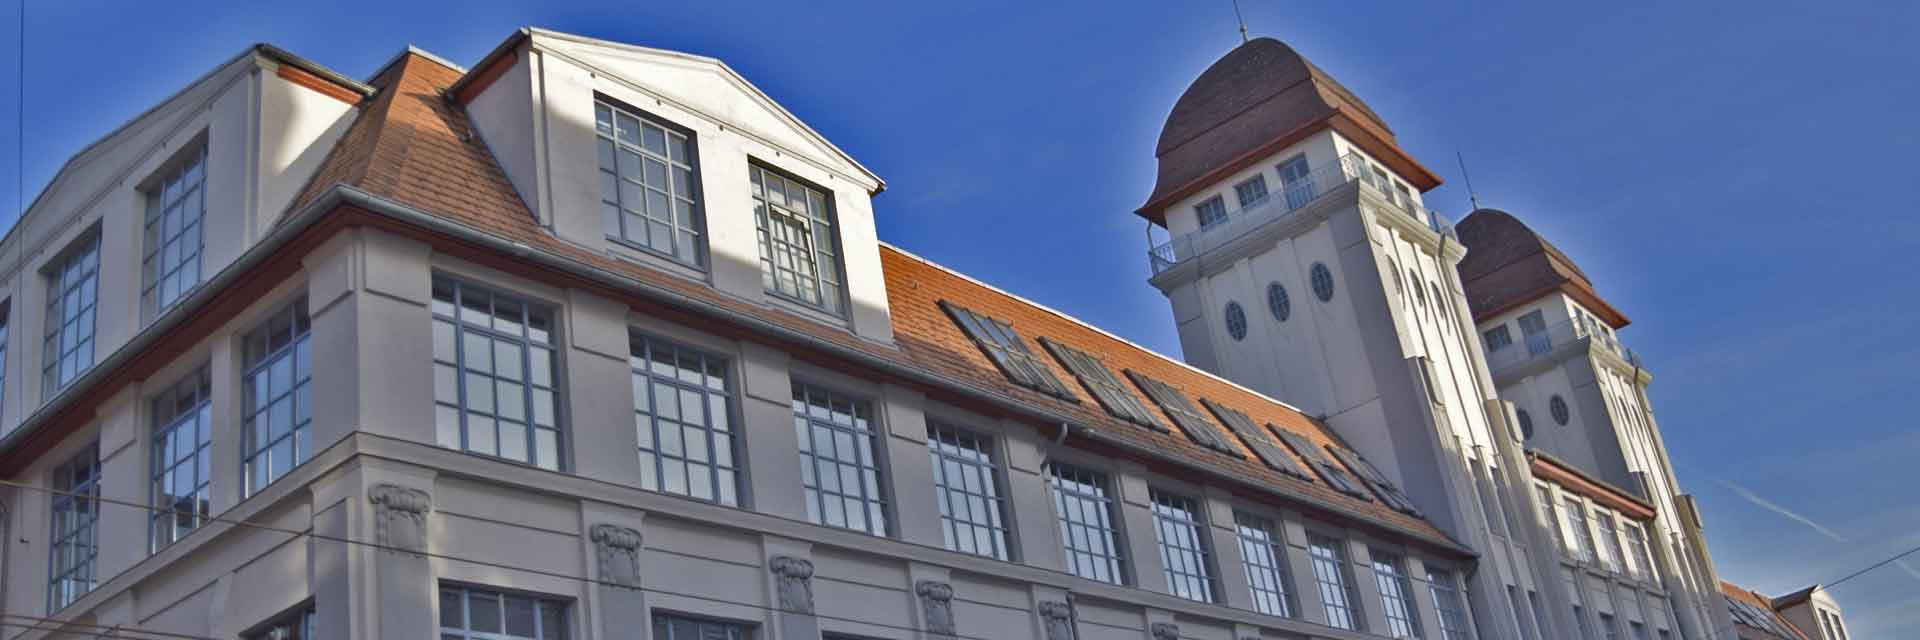 Standorte Berlin und Bielefeld